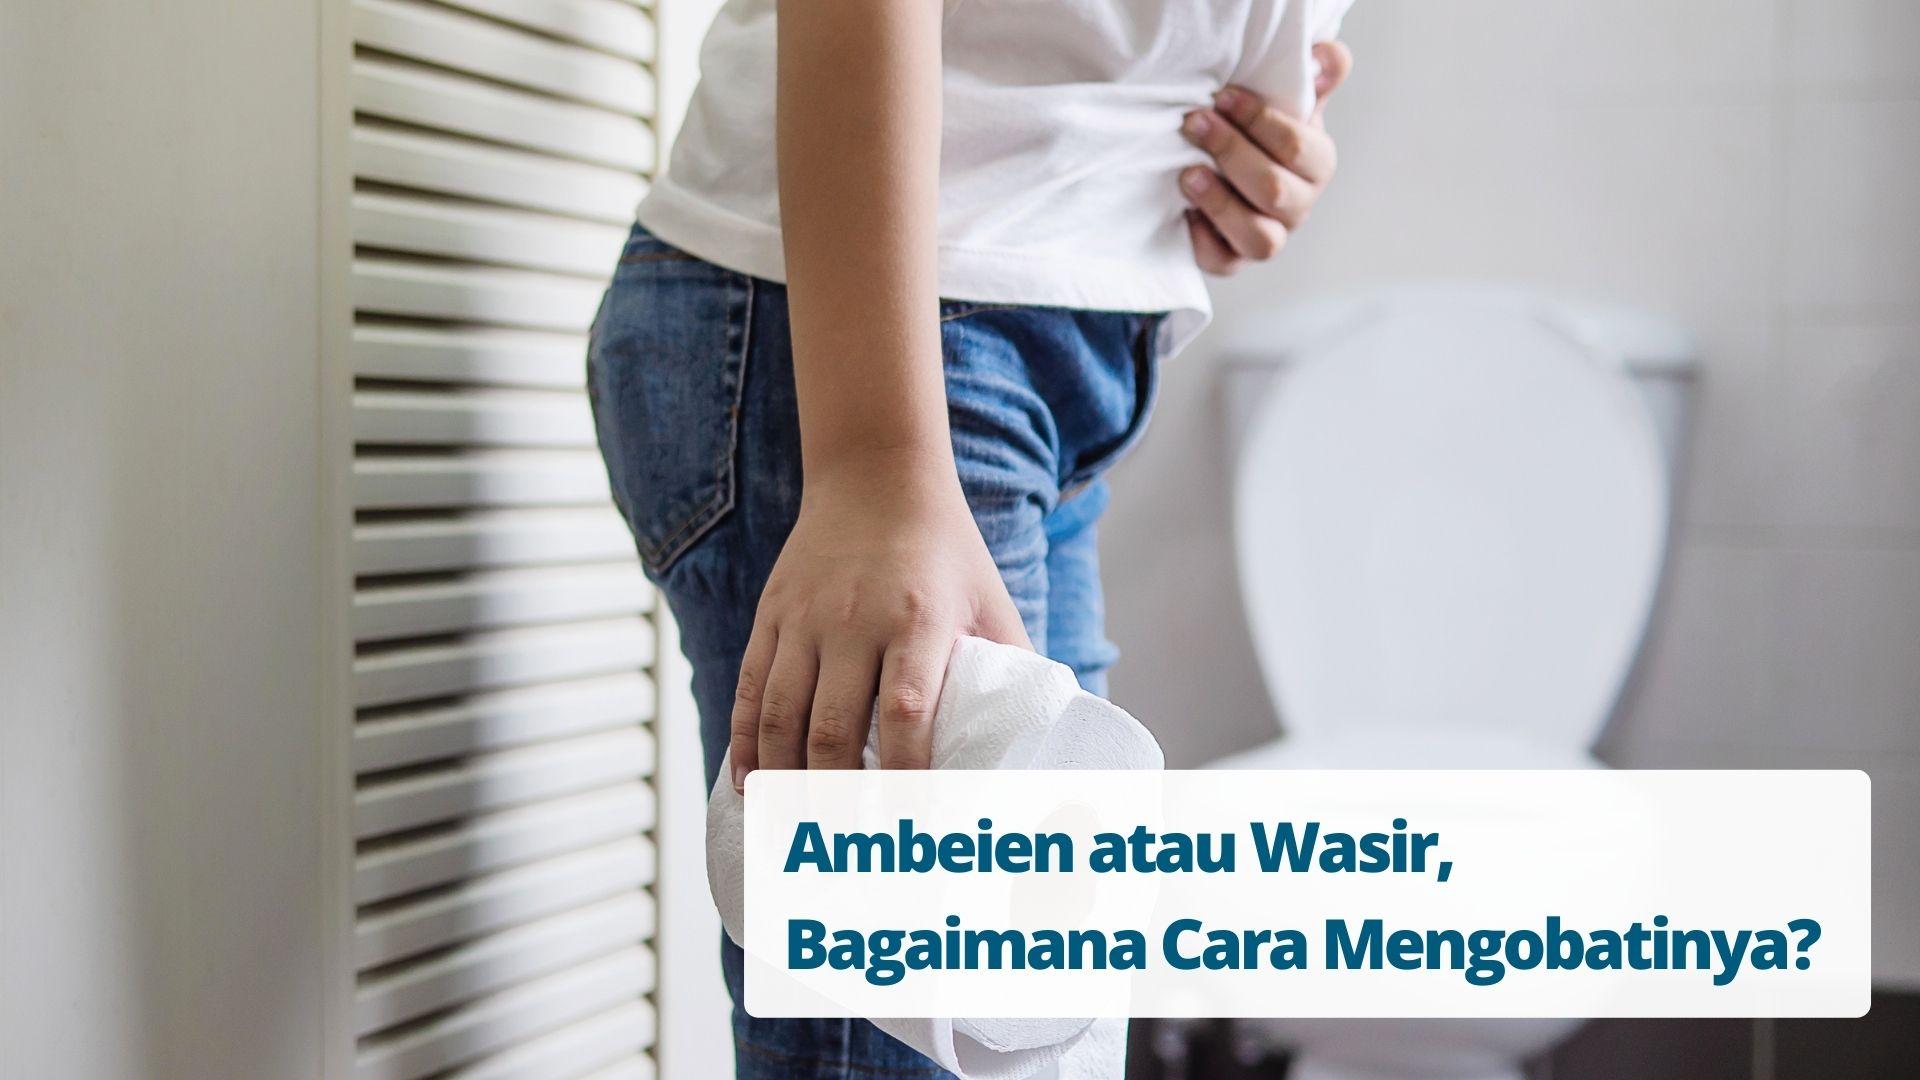 Ambeien atau Wasir, Bagaimana Cara Mengobatinya?